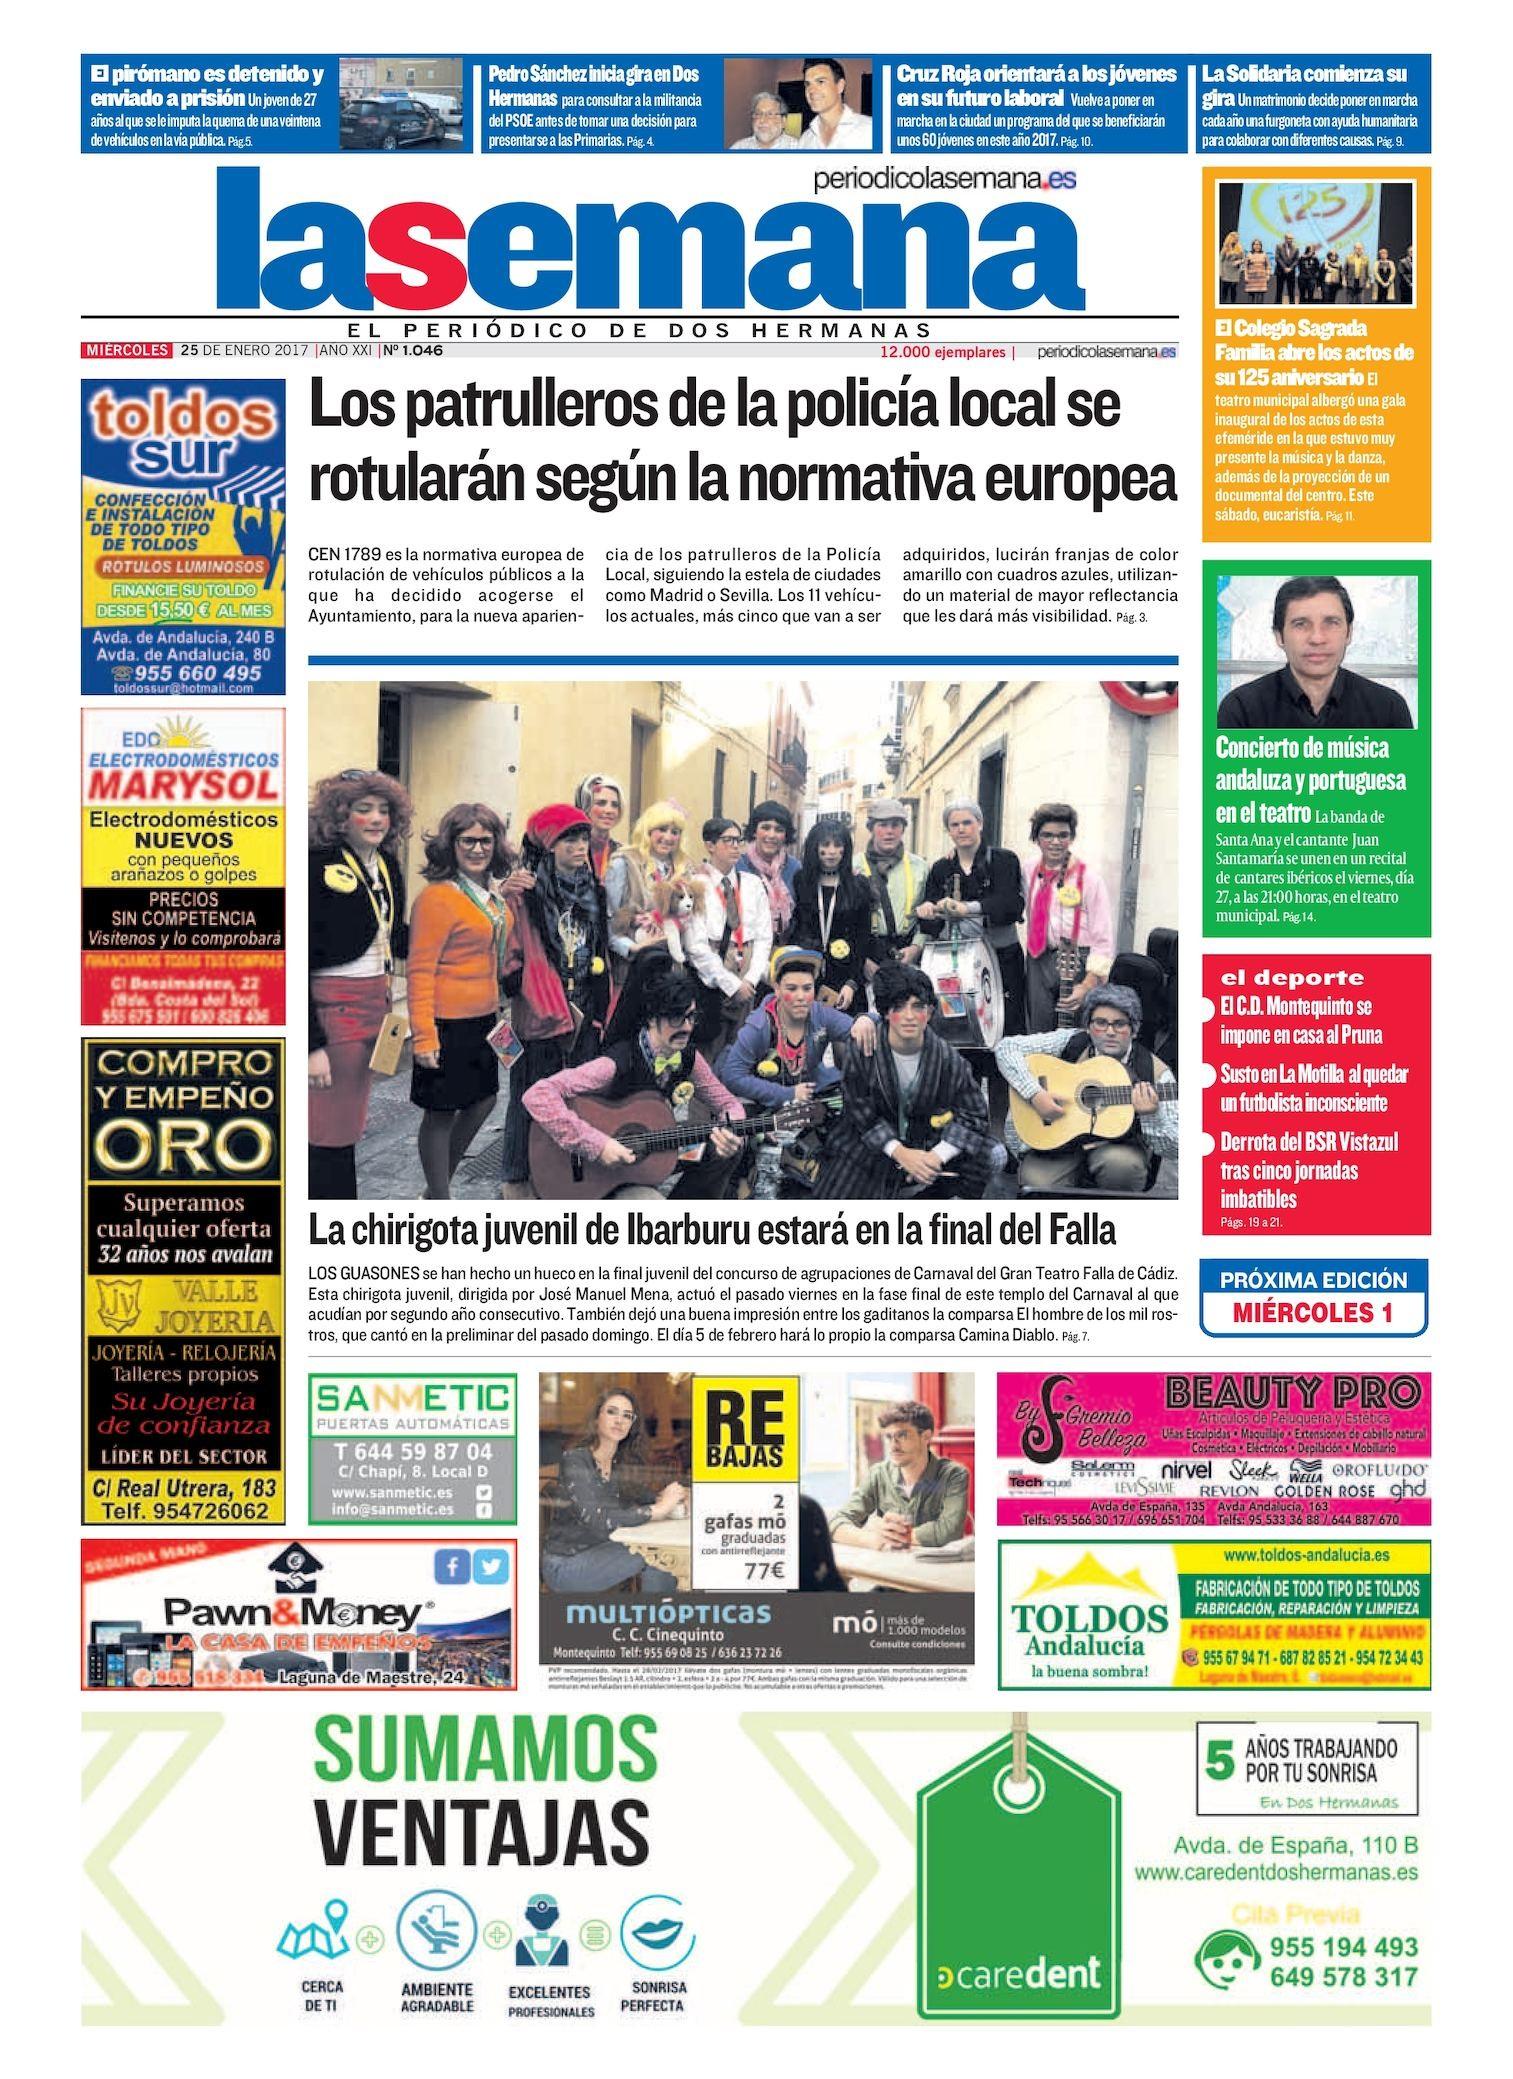 Calendario Escolar Dos Hermanas 2019 Más Recientemente Liberado Calaméo Periodico La Semana 1046